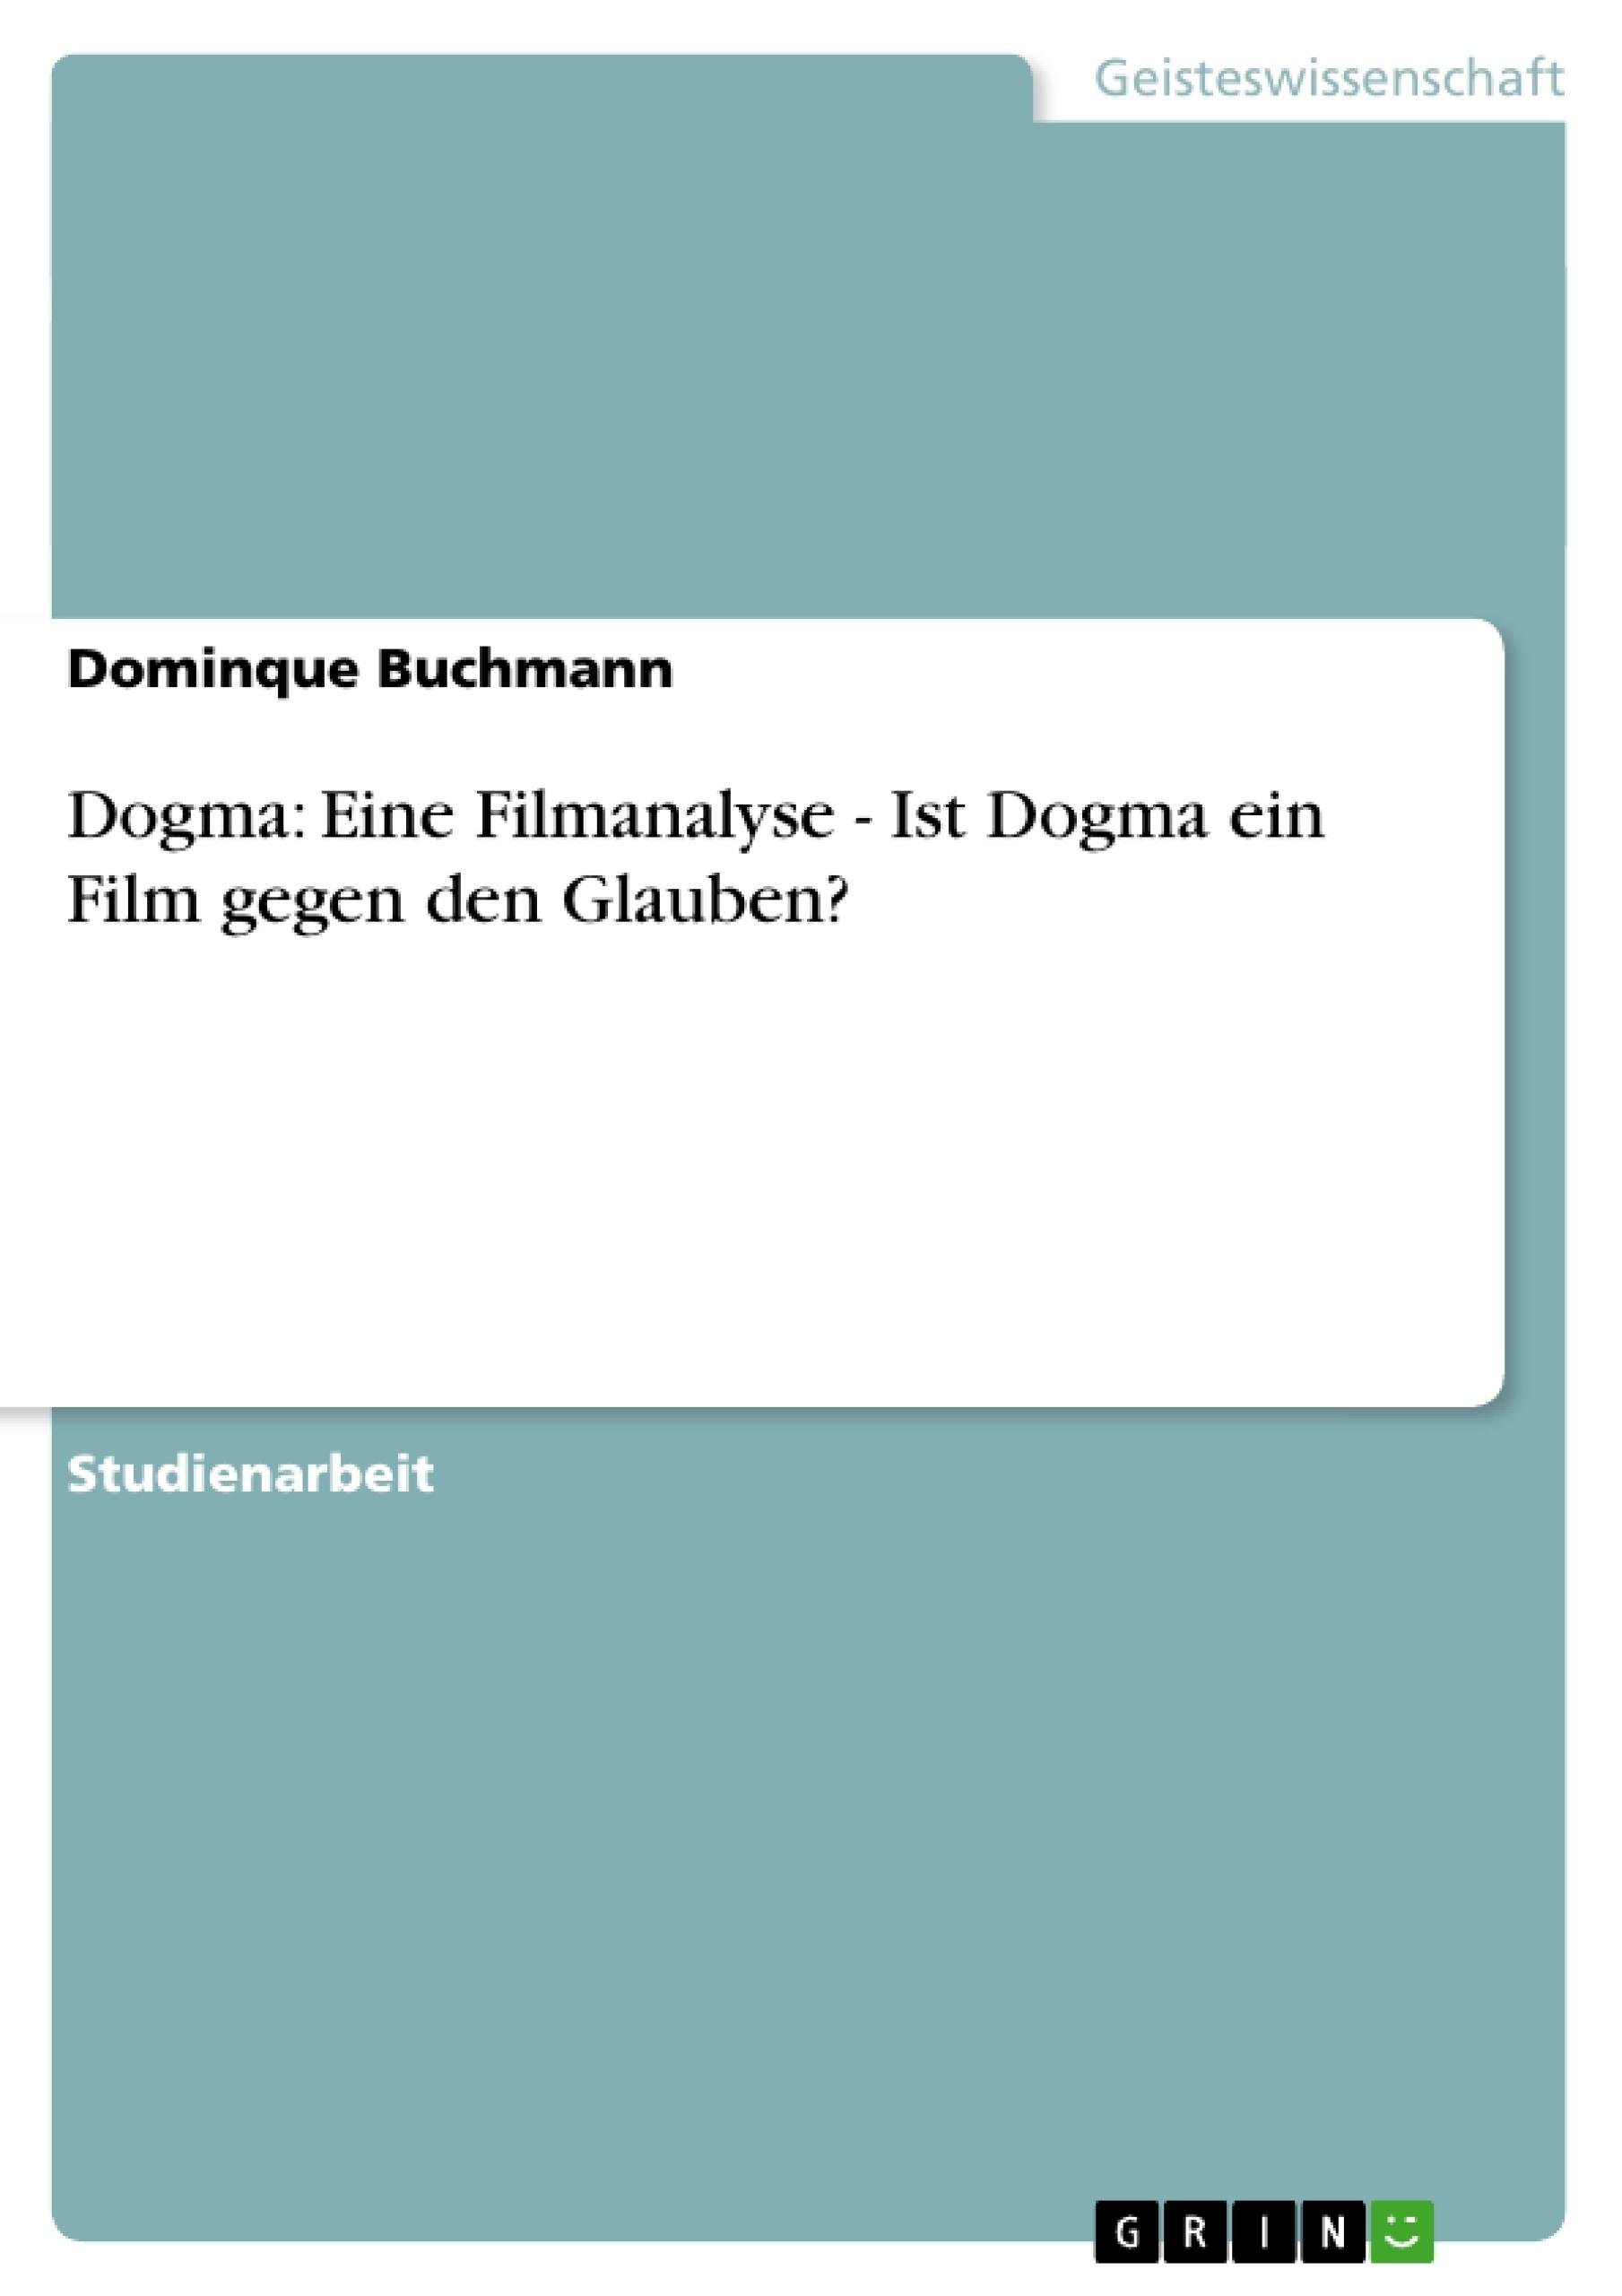 Titel: Dogma: Eine Filmanalyse - Ist Dogma ein Film gegen den Glauben?